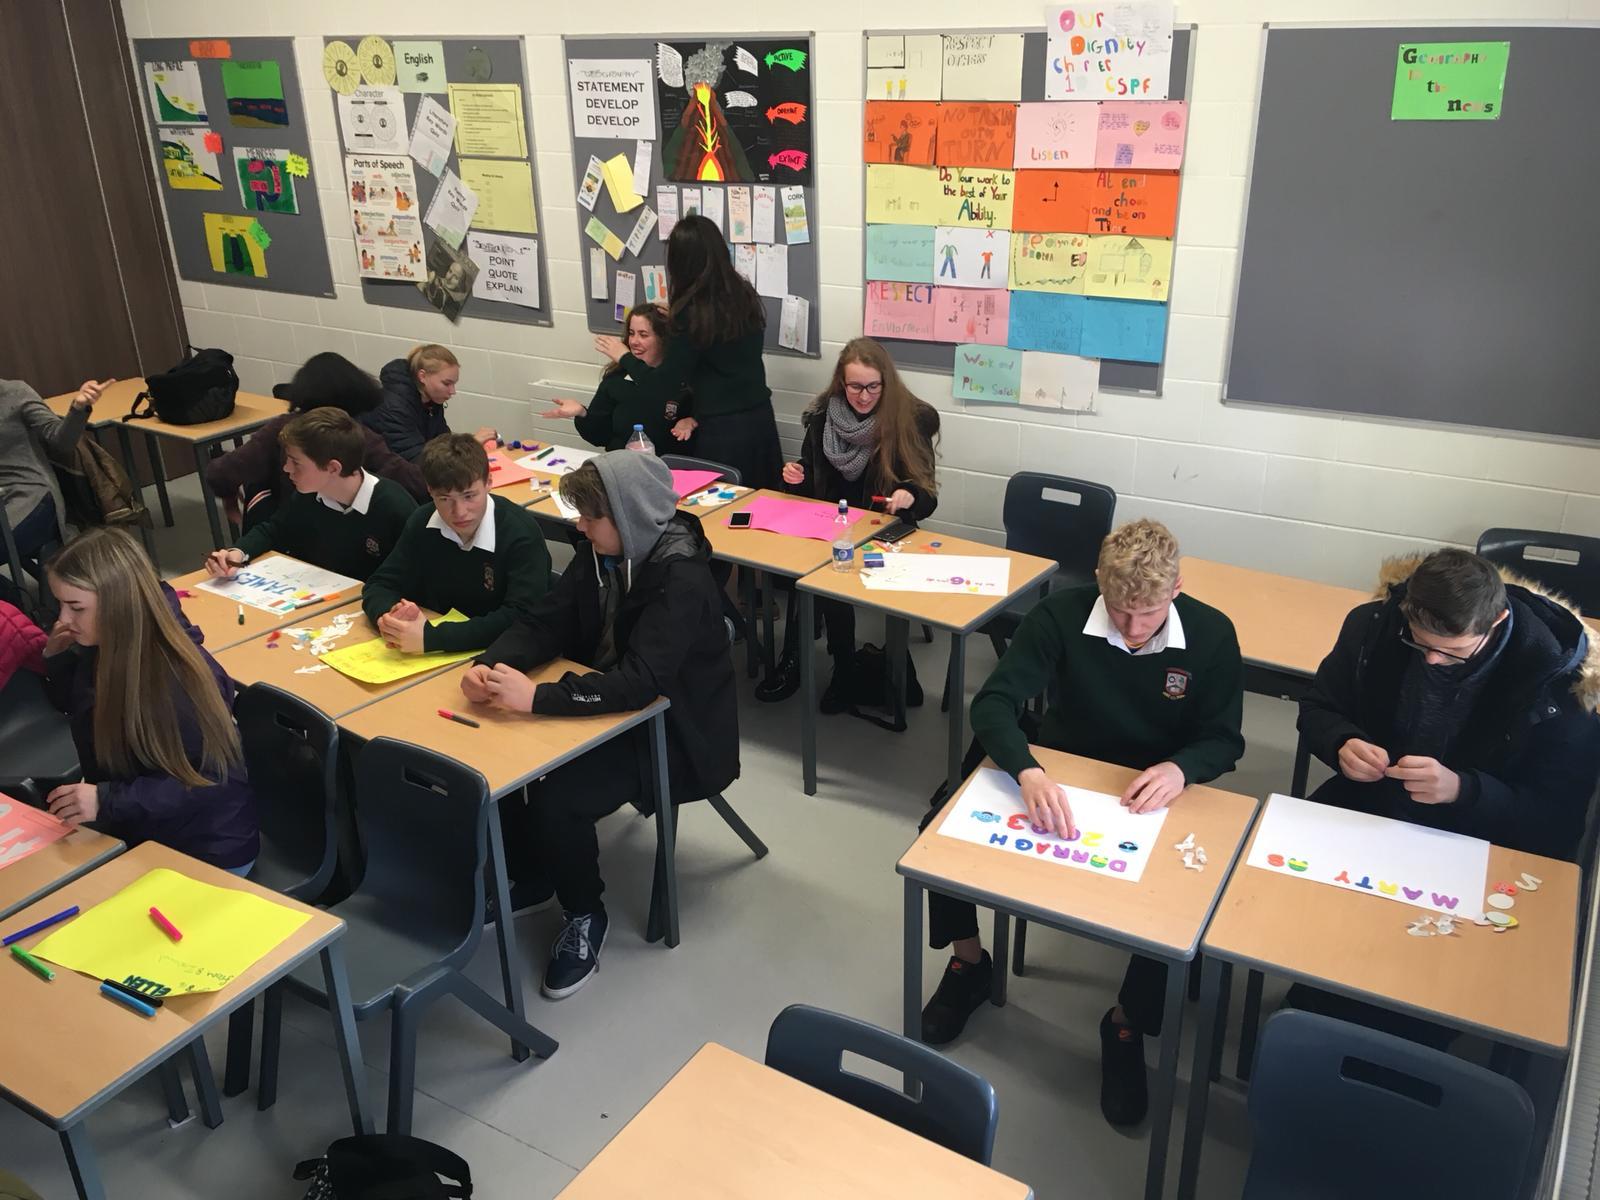 Mokiniai iš penkių šalių draugiškai mokosi. Asmeninio archyvo nuotr.